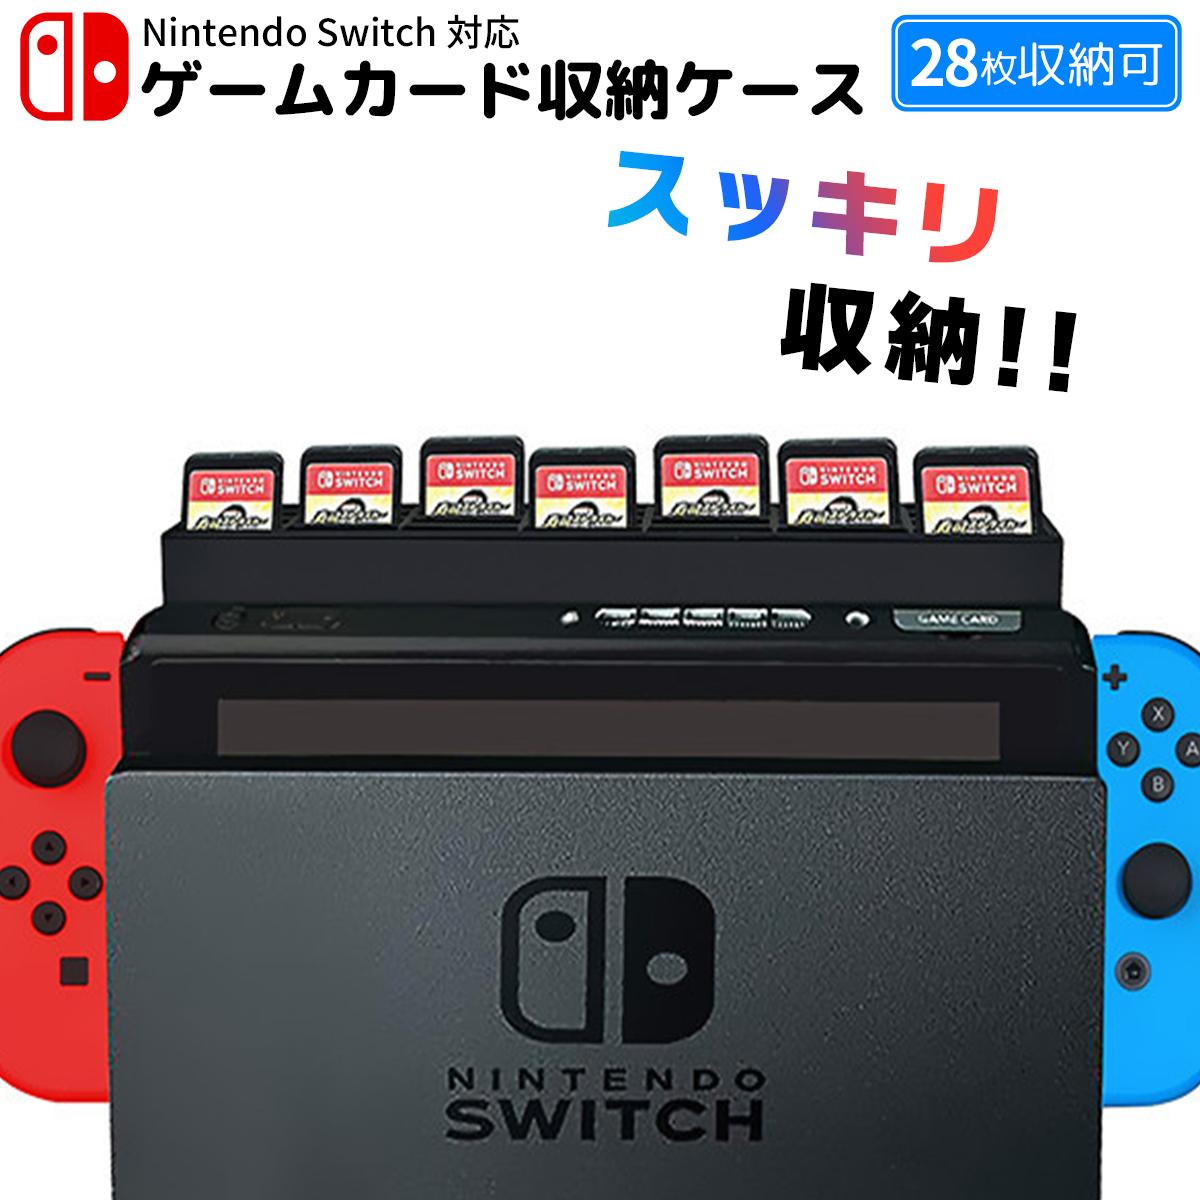 売れ筋 格安 価格でご提供いたします ゲームソフトをコンパクトに収納 即日発送 Nintendo Switch スイッチ ゲームソフト ゲームカード カード ケース ソフト収納ケース 送料無料 Lite ポイント消化 任天堂 ニンテンドー 保護 28枚収納可 有機ELモデル